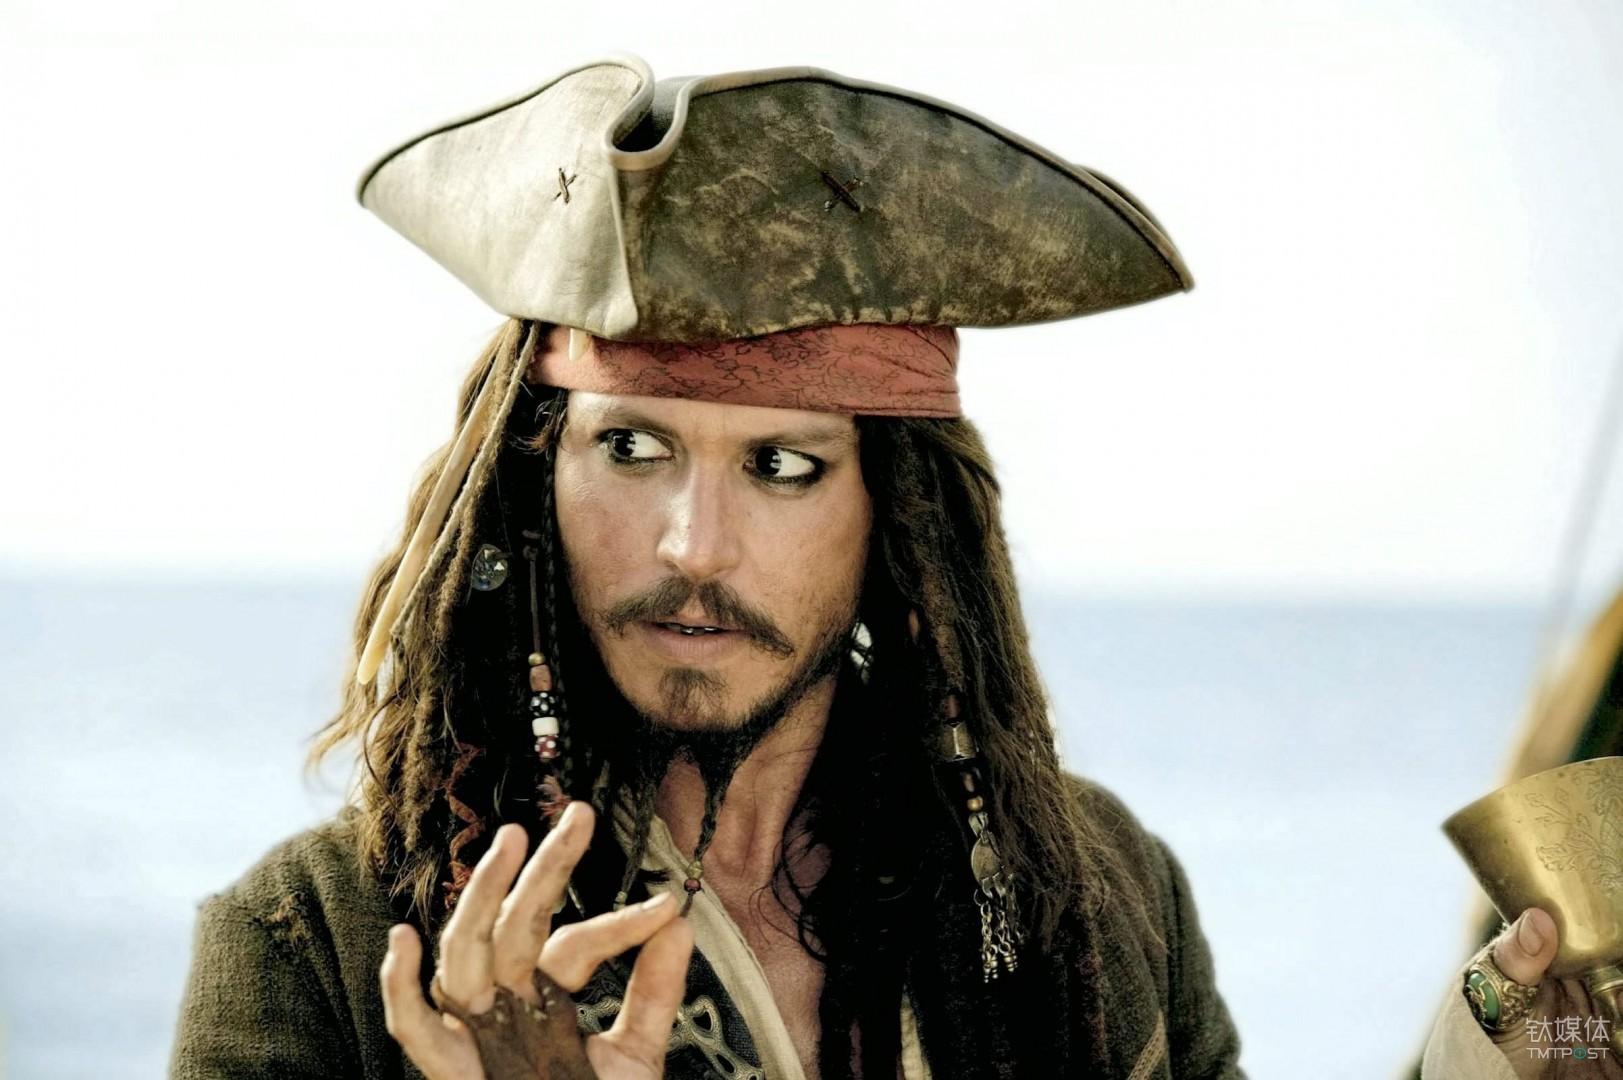 《加勒比海盗》中的杰克·斯帕罗是典型的反英雄形象